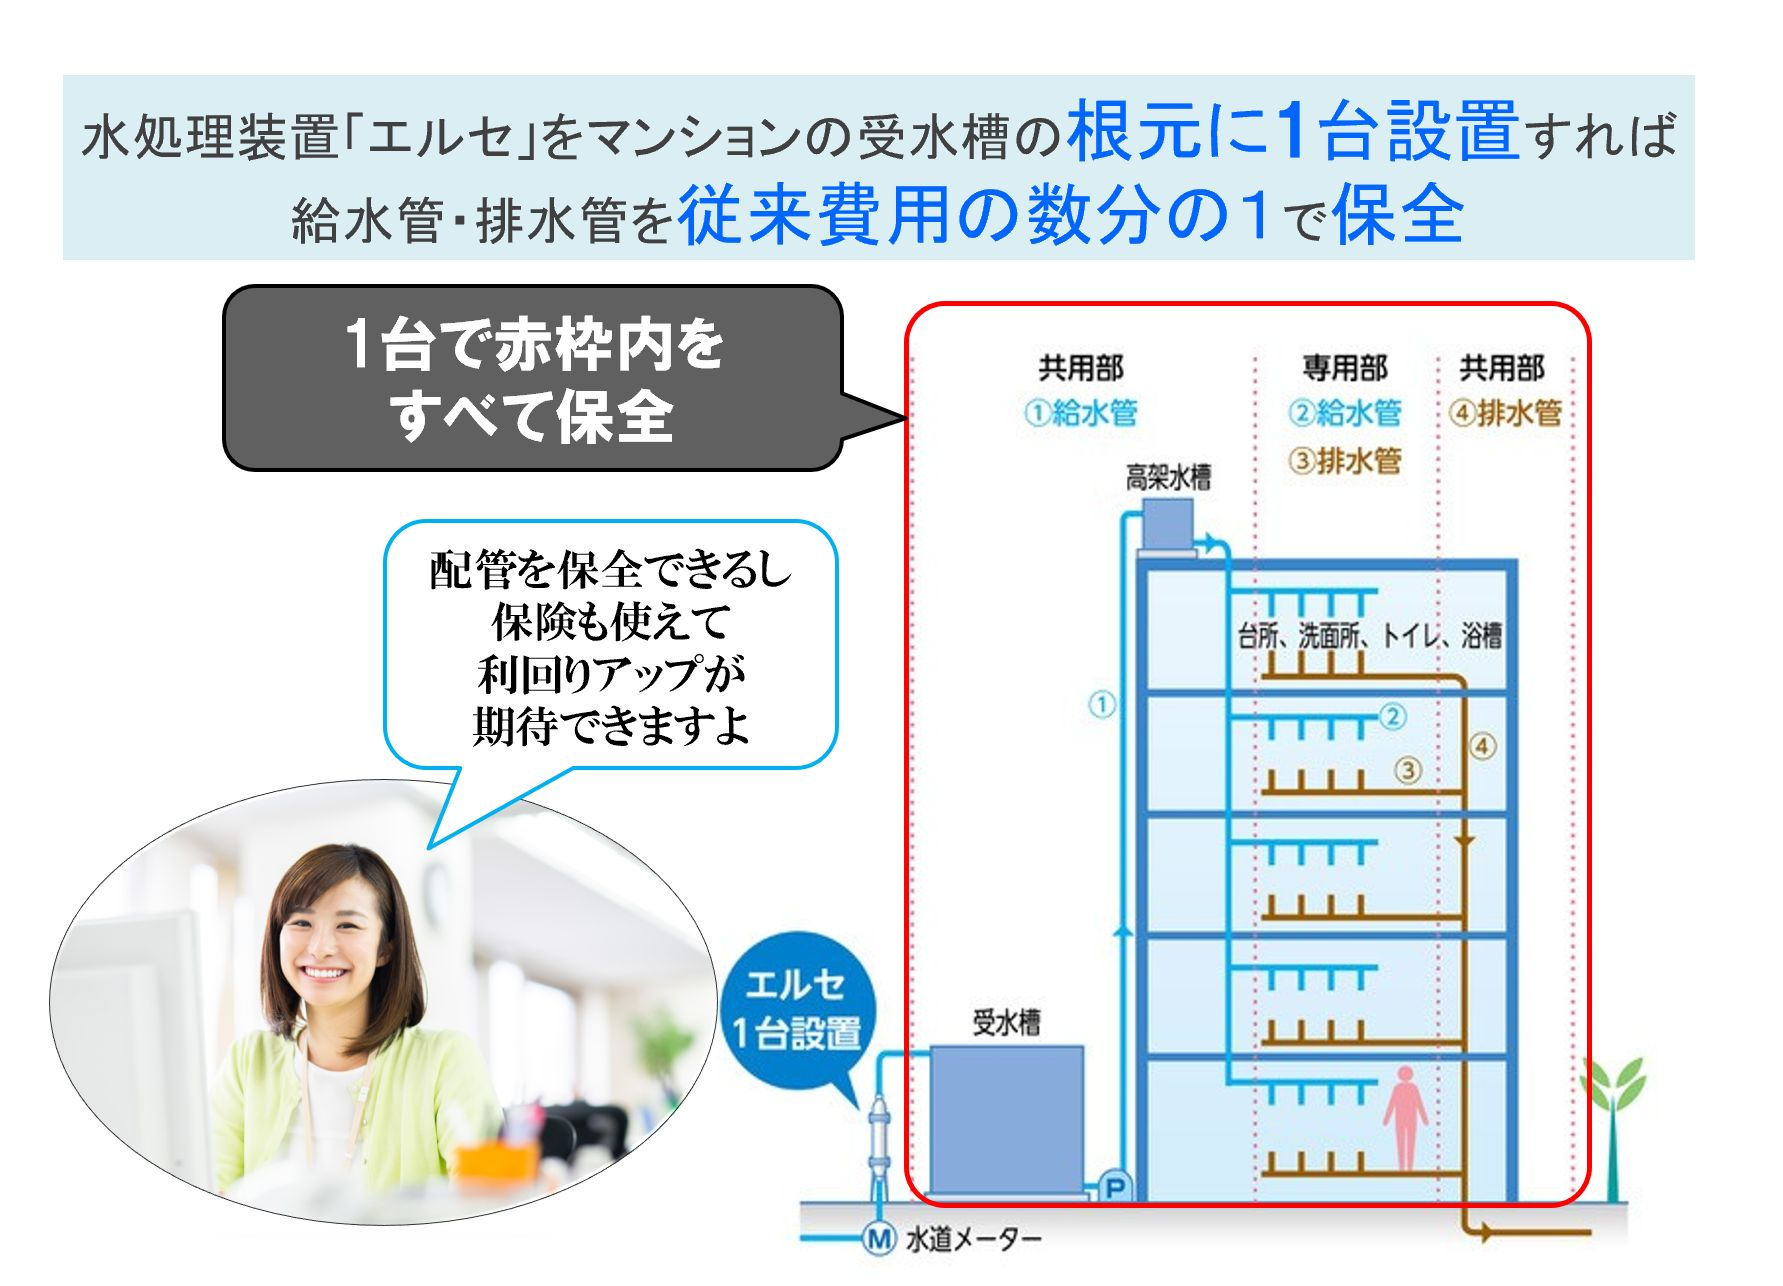 水処理装置「エルセ」をマンションの受水槽の根元に1台設置すれば 給水管・排水管を従来費用の数分の1で保全